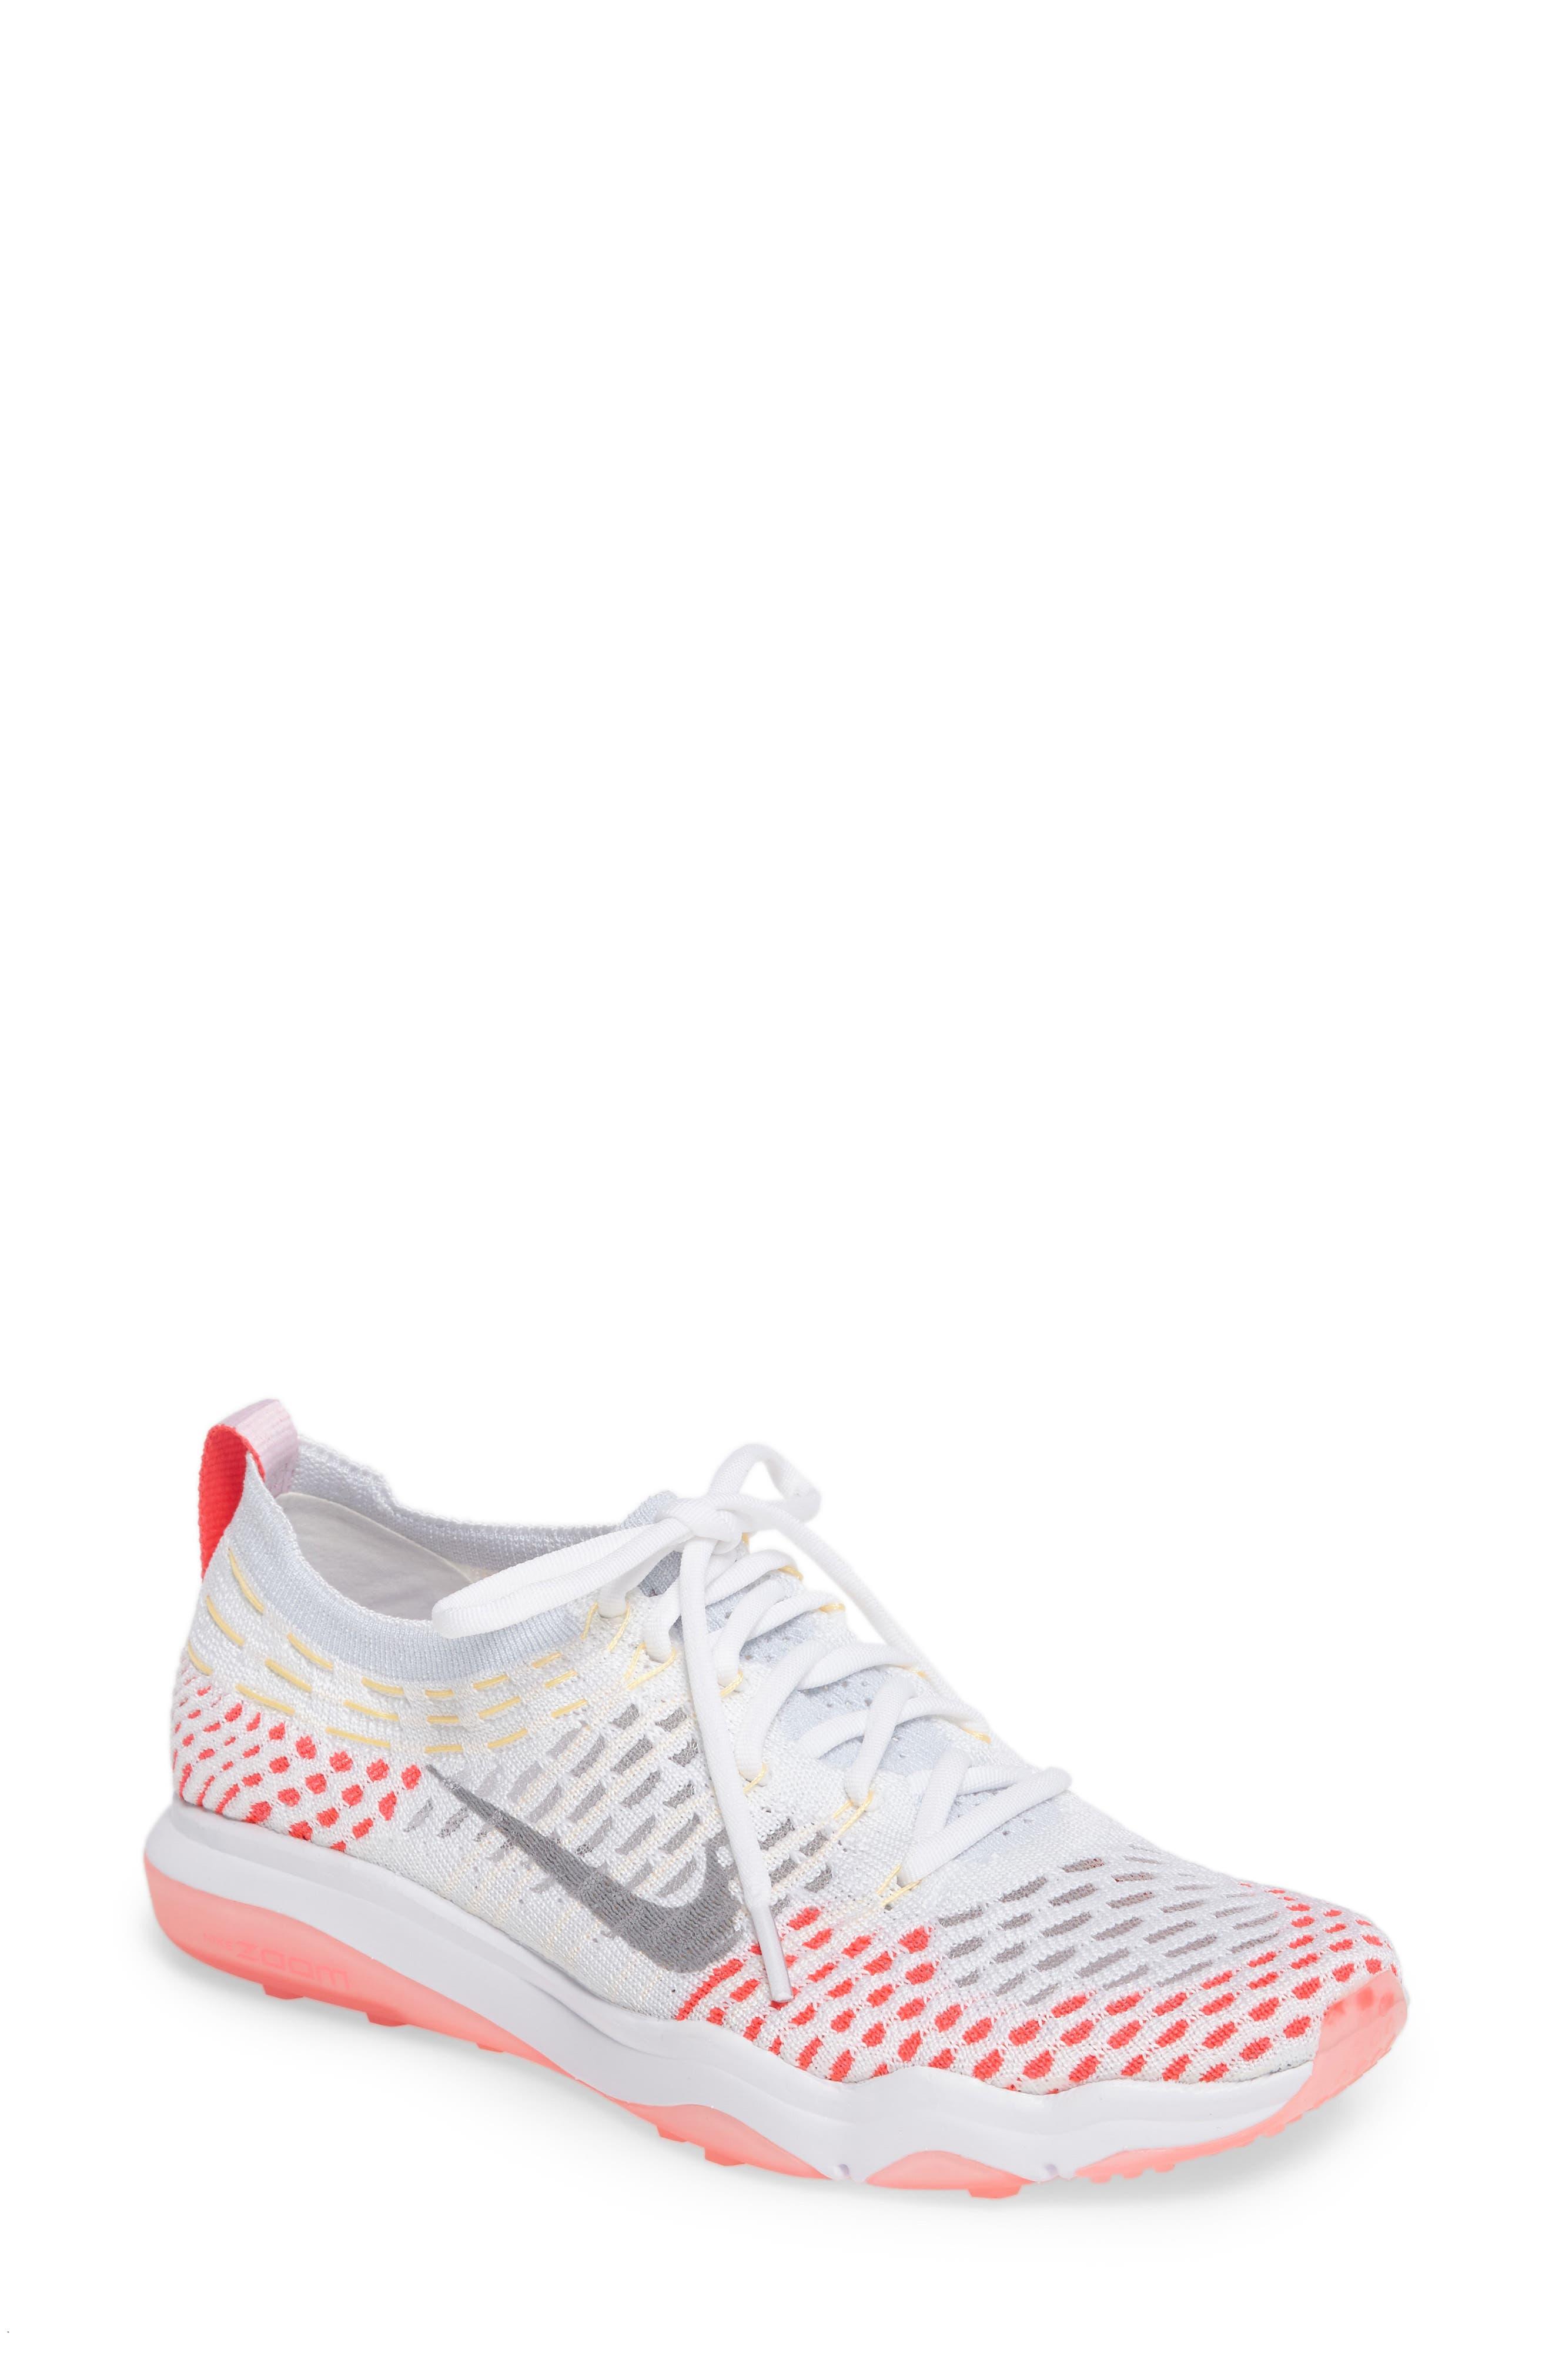 Nike Air Zoom Fearless Flyknit Training Shoe (Women)